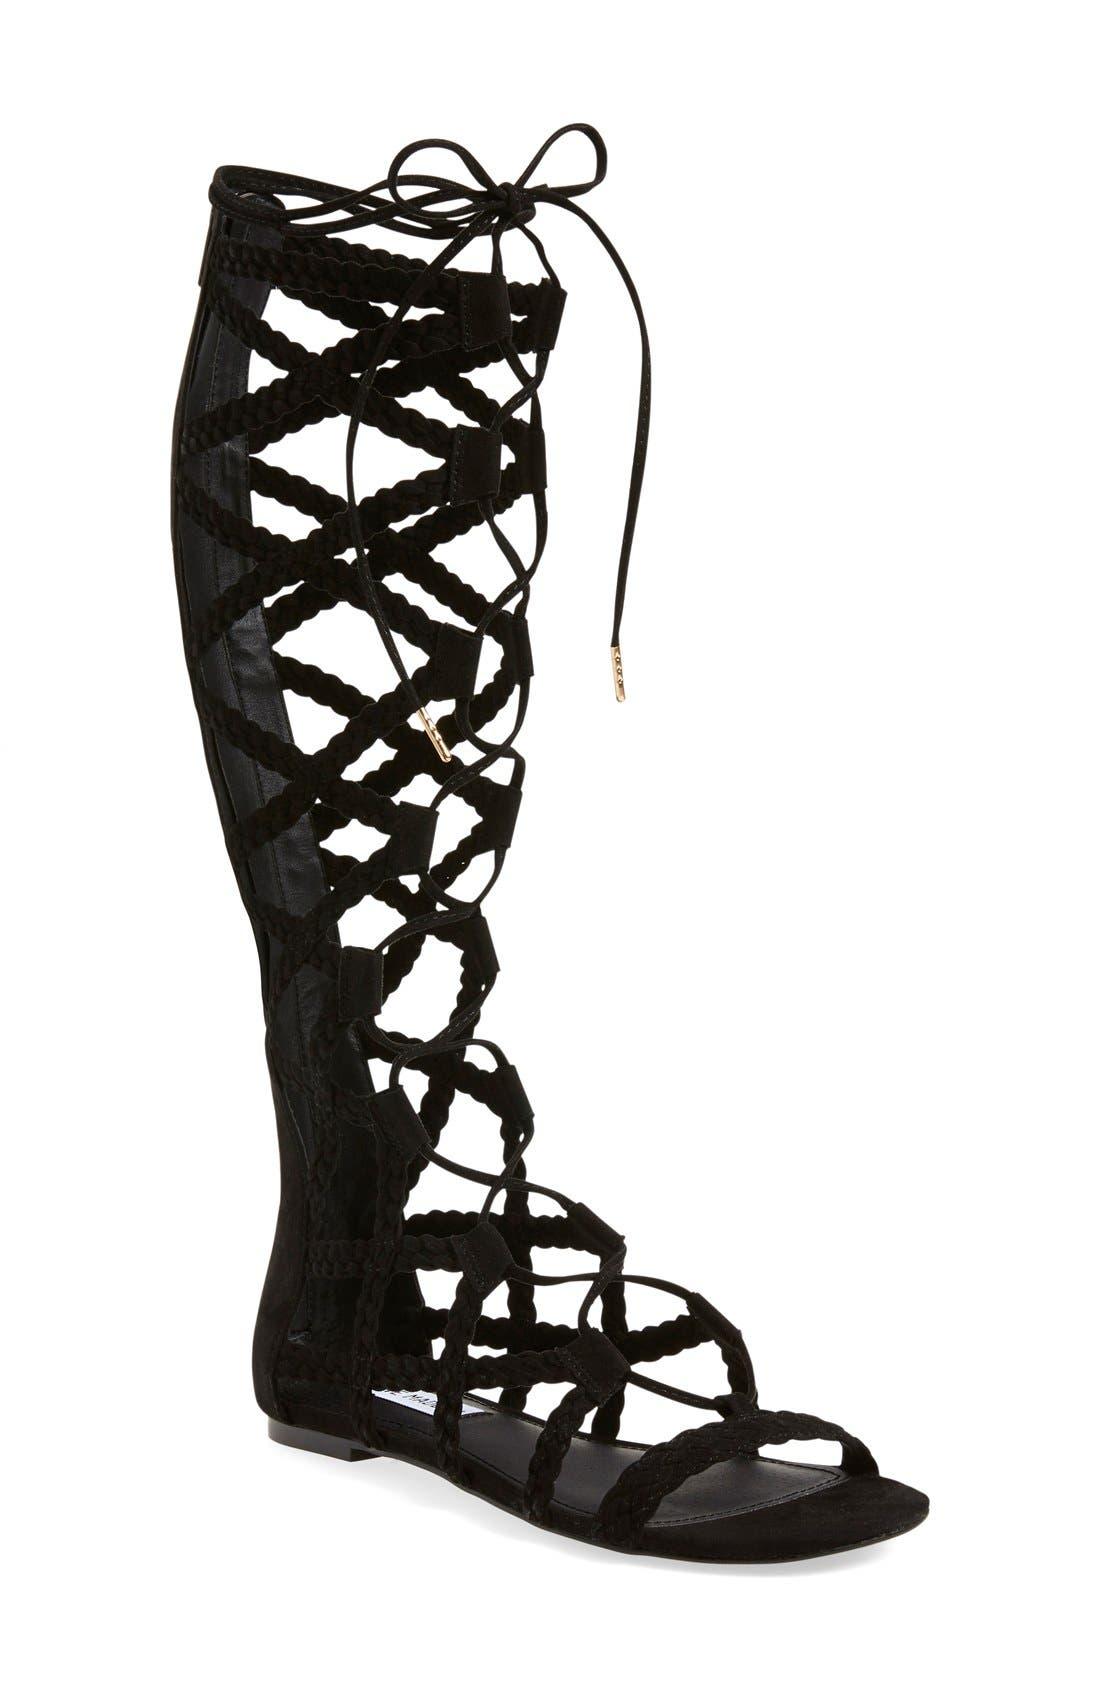 Alternate Image 1 Selected - Steve Madden 'Sammson' Lace-Up Gladiator Sandal (Women)